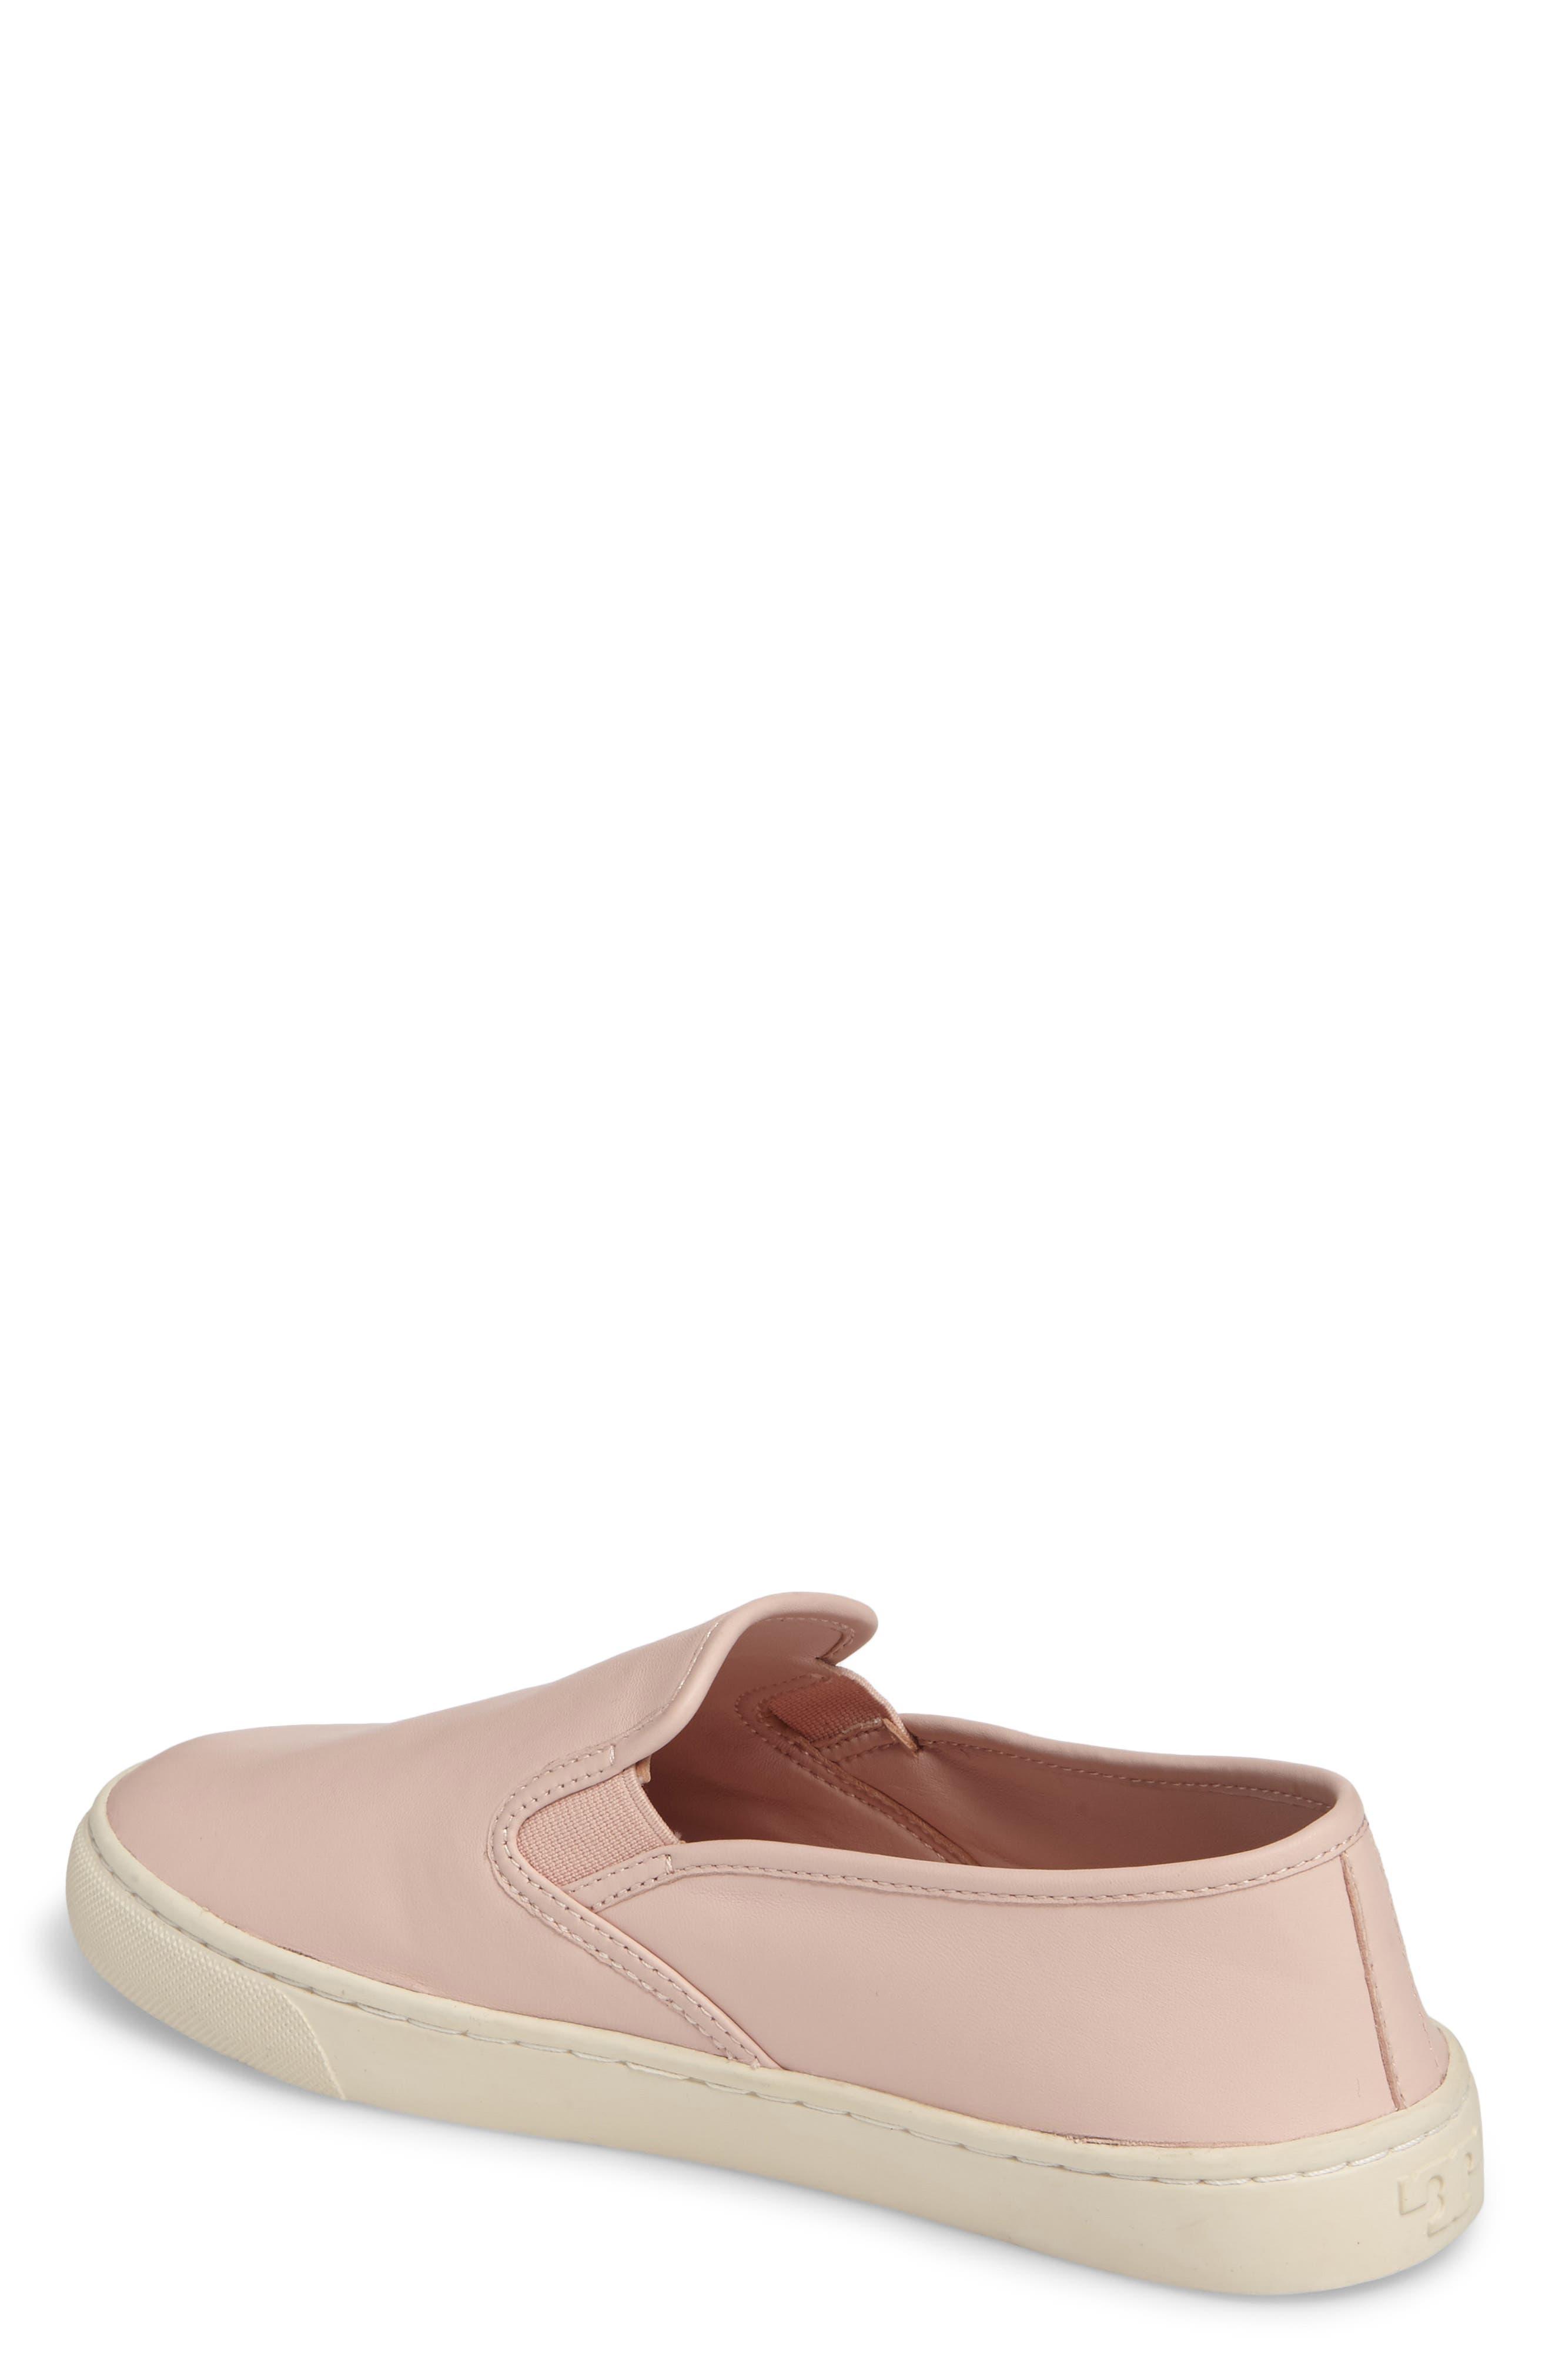 Max Slip-On Sneaker,                             Alternate thumbnail 12, color,